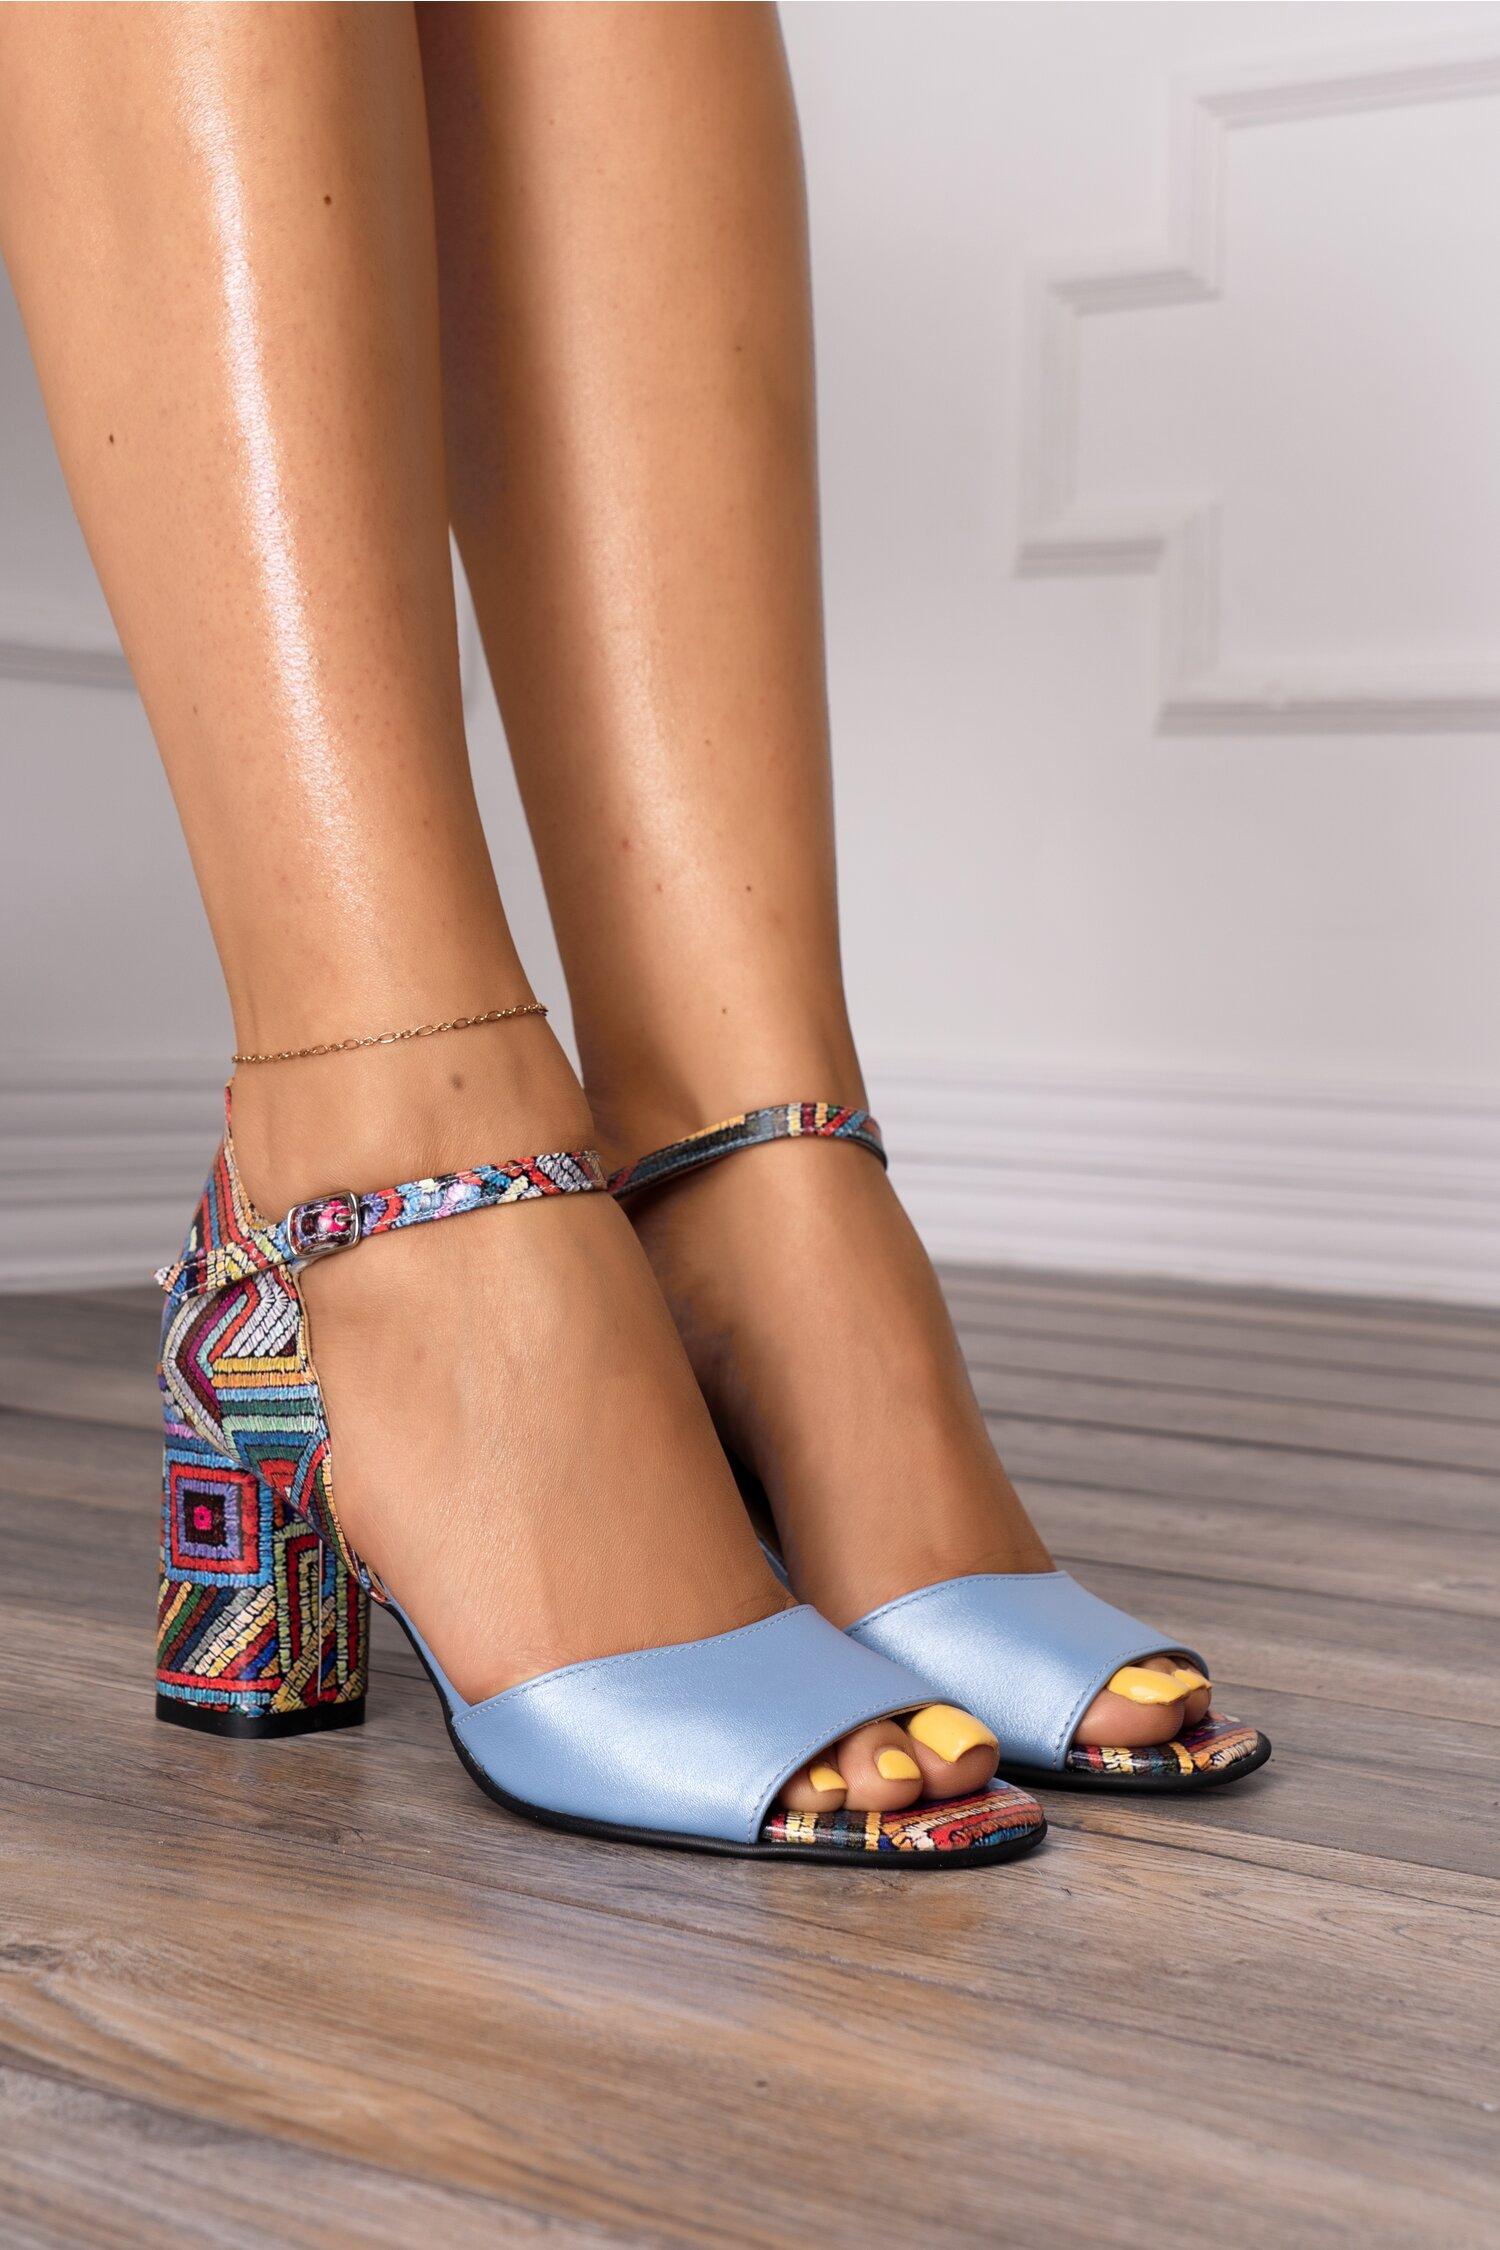 Sandale bleu cu imprimeu multicolor la spate imagine